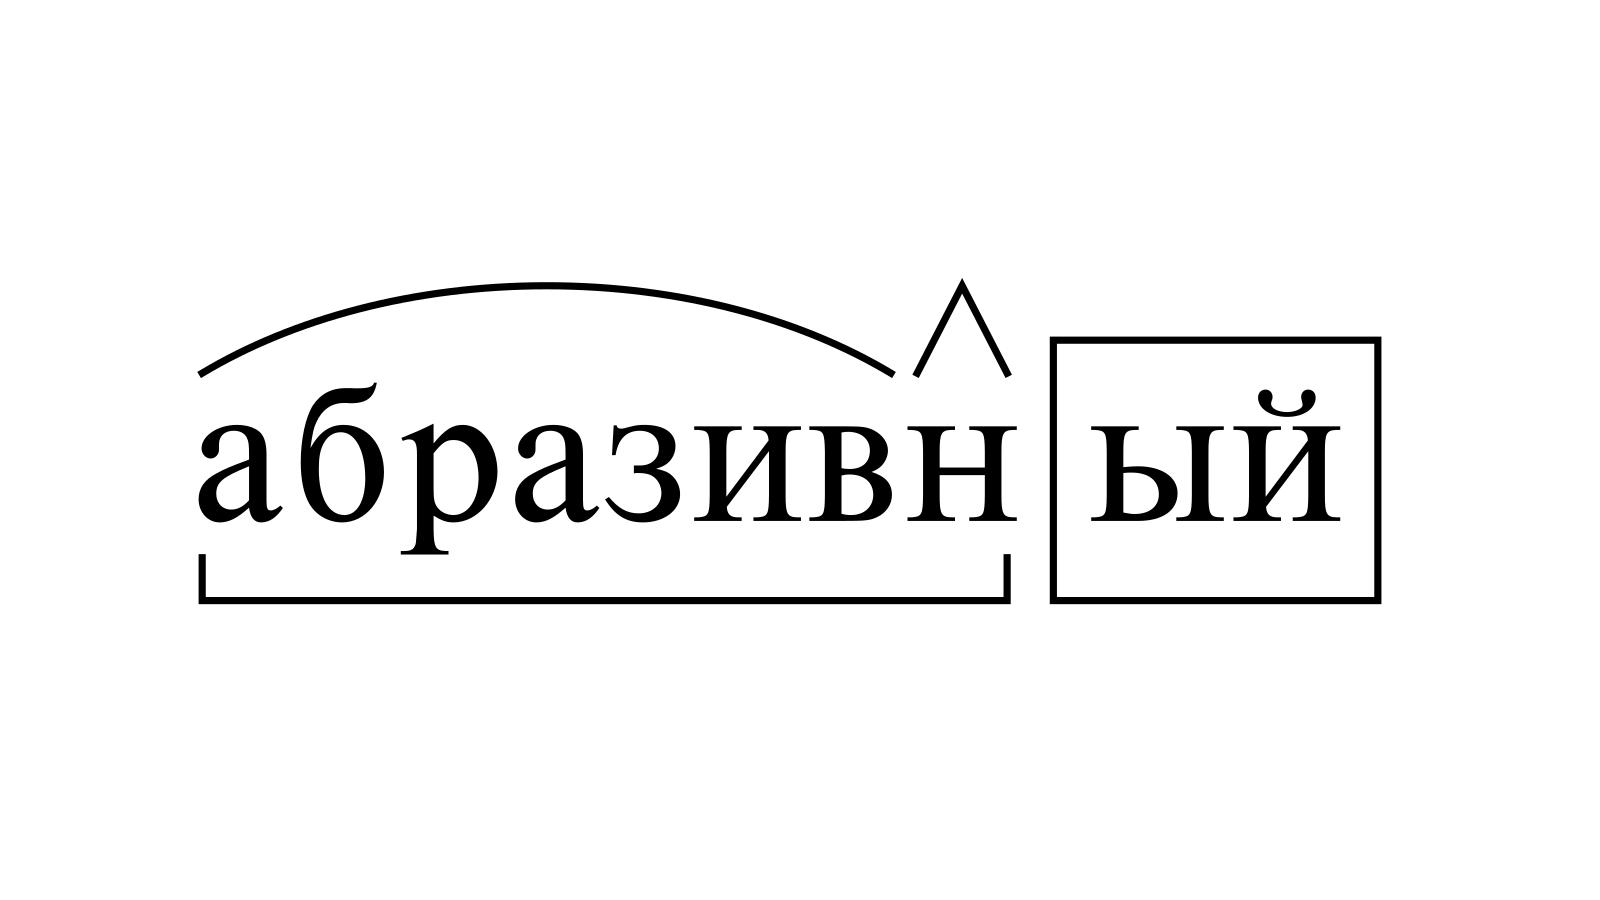 Разбор слова «абразивный» по составу